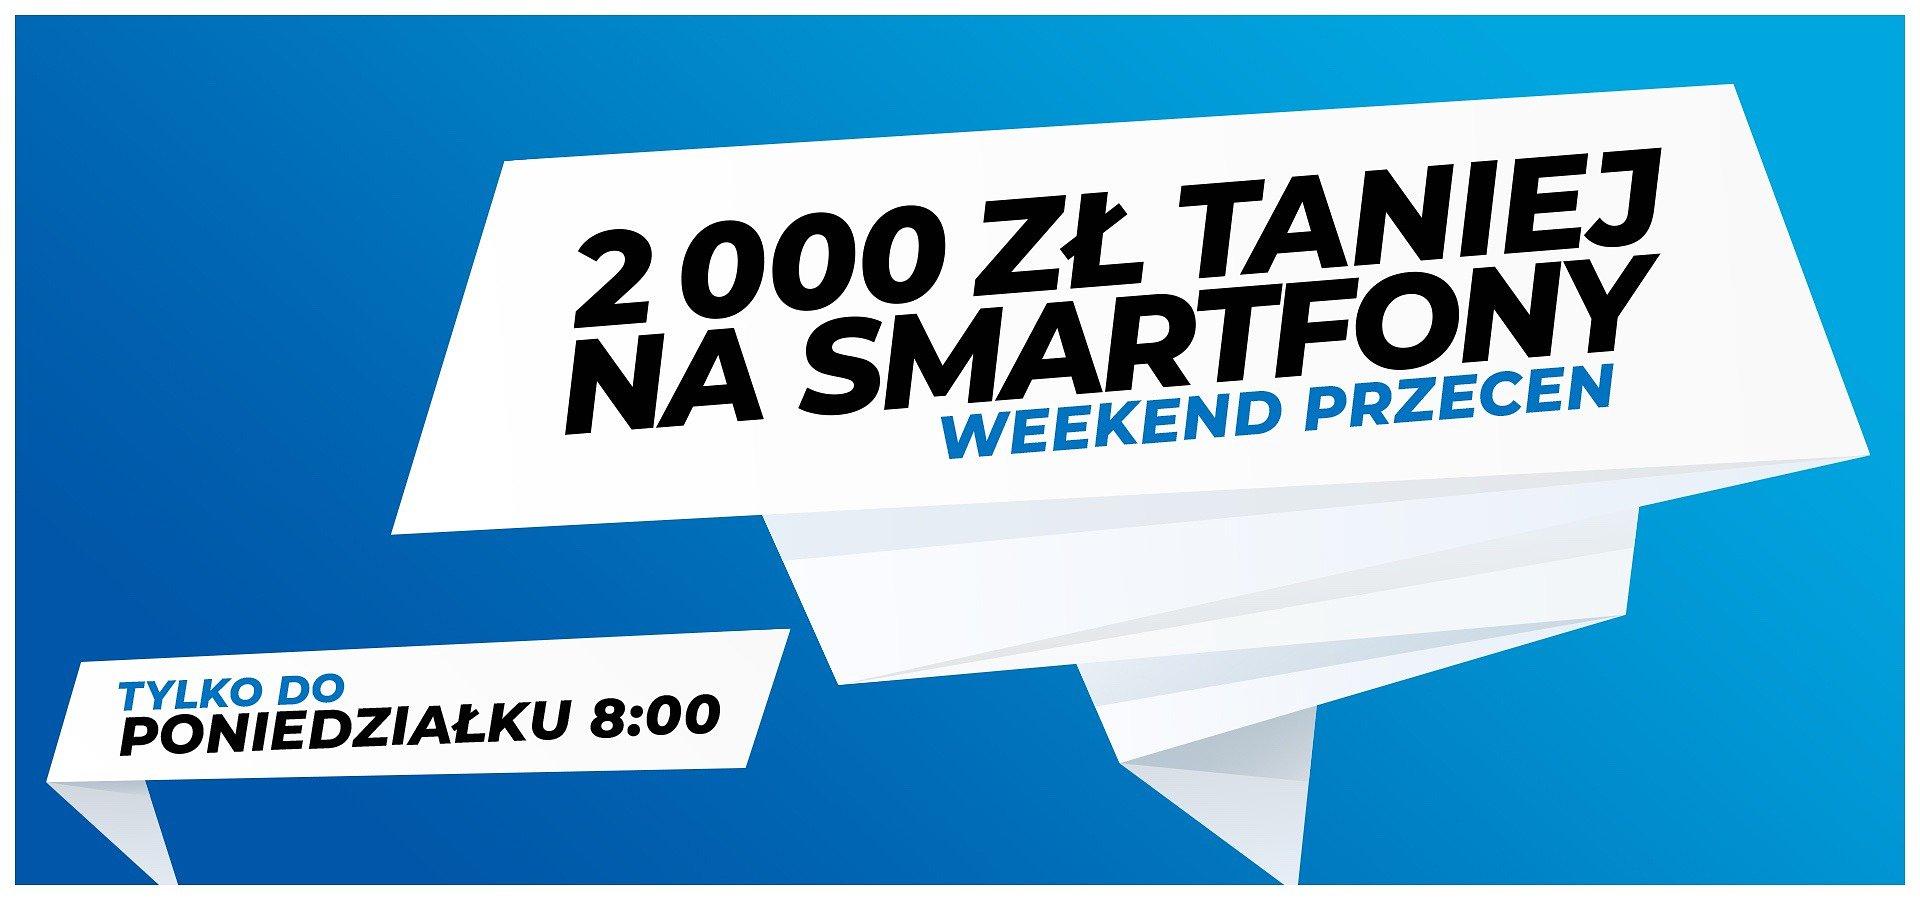 Kup nowy smartfon i zaoszczędź nawet 2 000 zł!